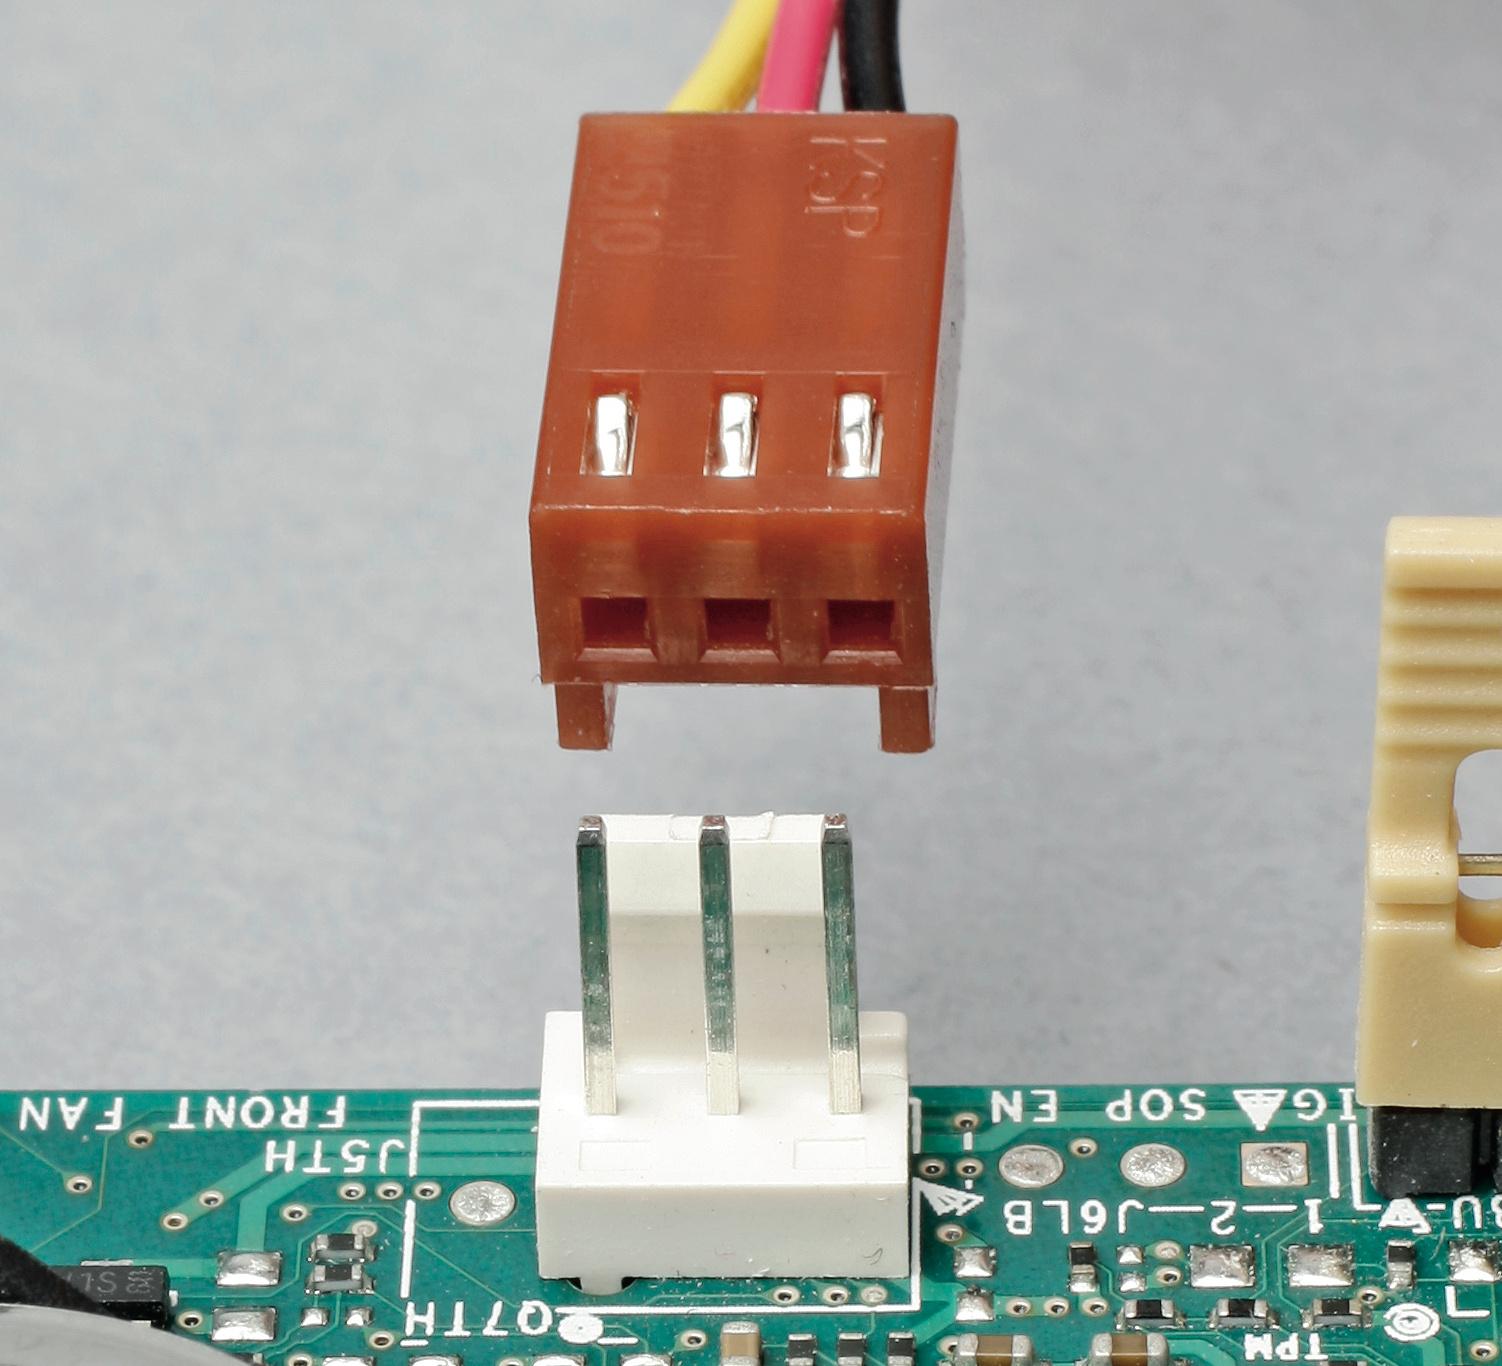 Lftersteuerung Ct Magazin Pc 3 Pin Fan Wire Diagram Die Ersten Beiden Pins Des Lfteranschlusses Liefern Versorgungsspannung Beim Modell Auch Drehzahl Beeinflusst